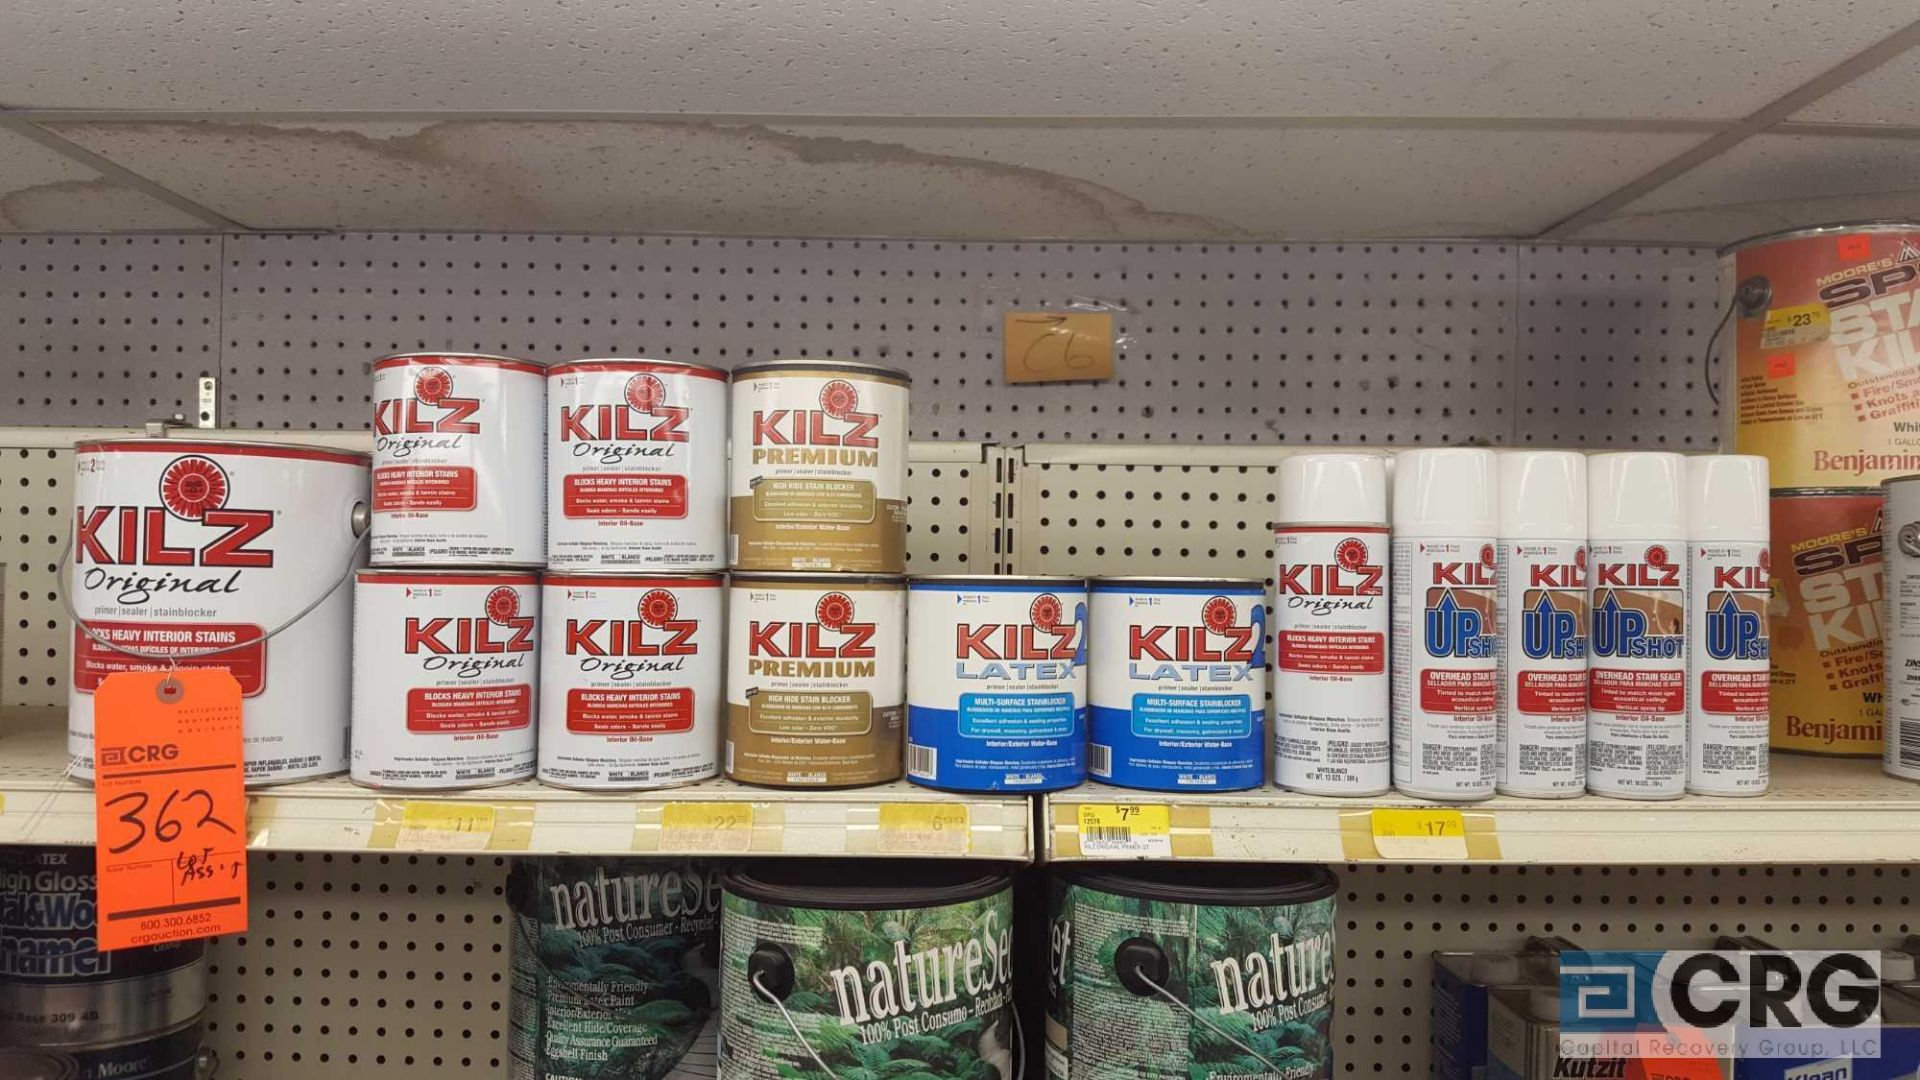 Lot of assorted KILZ primer and sealer